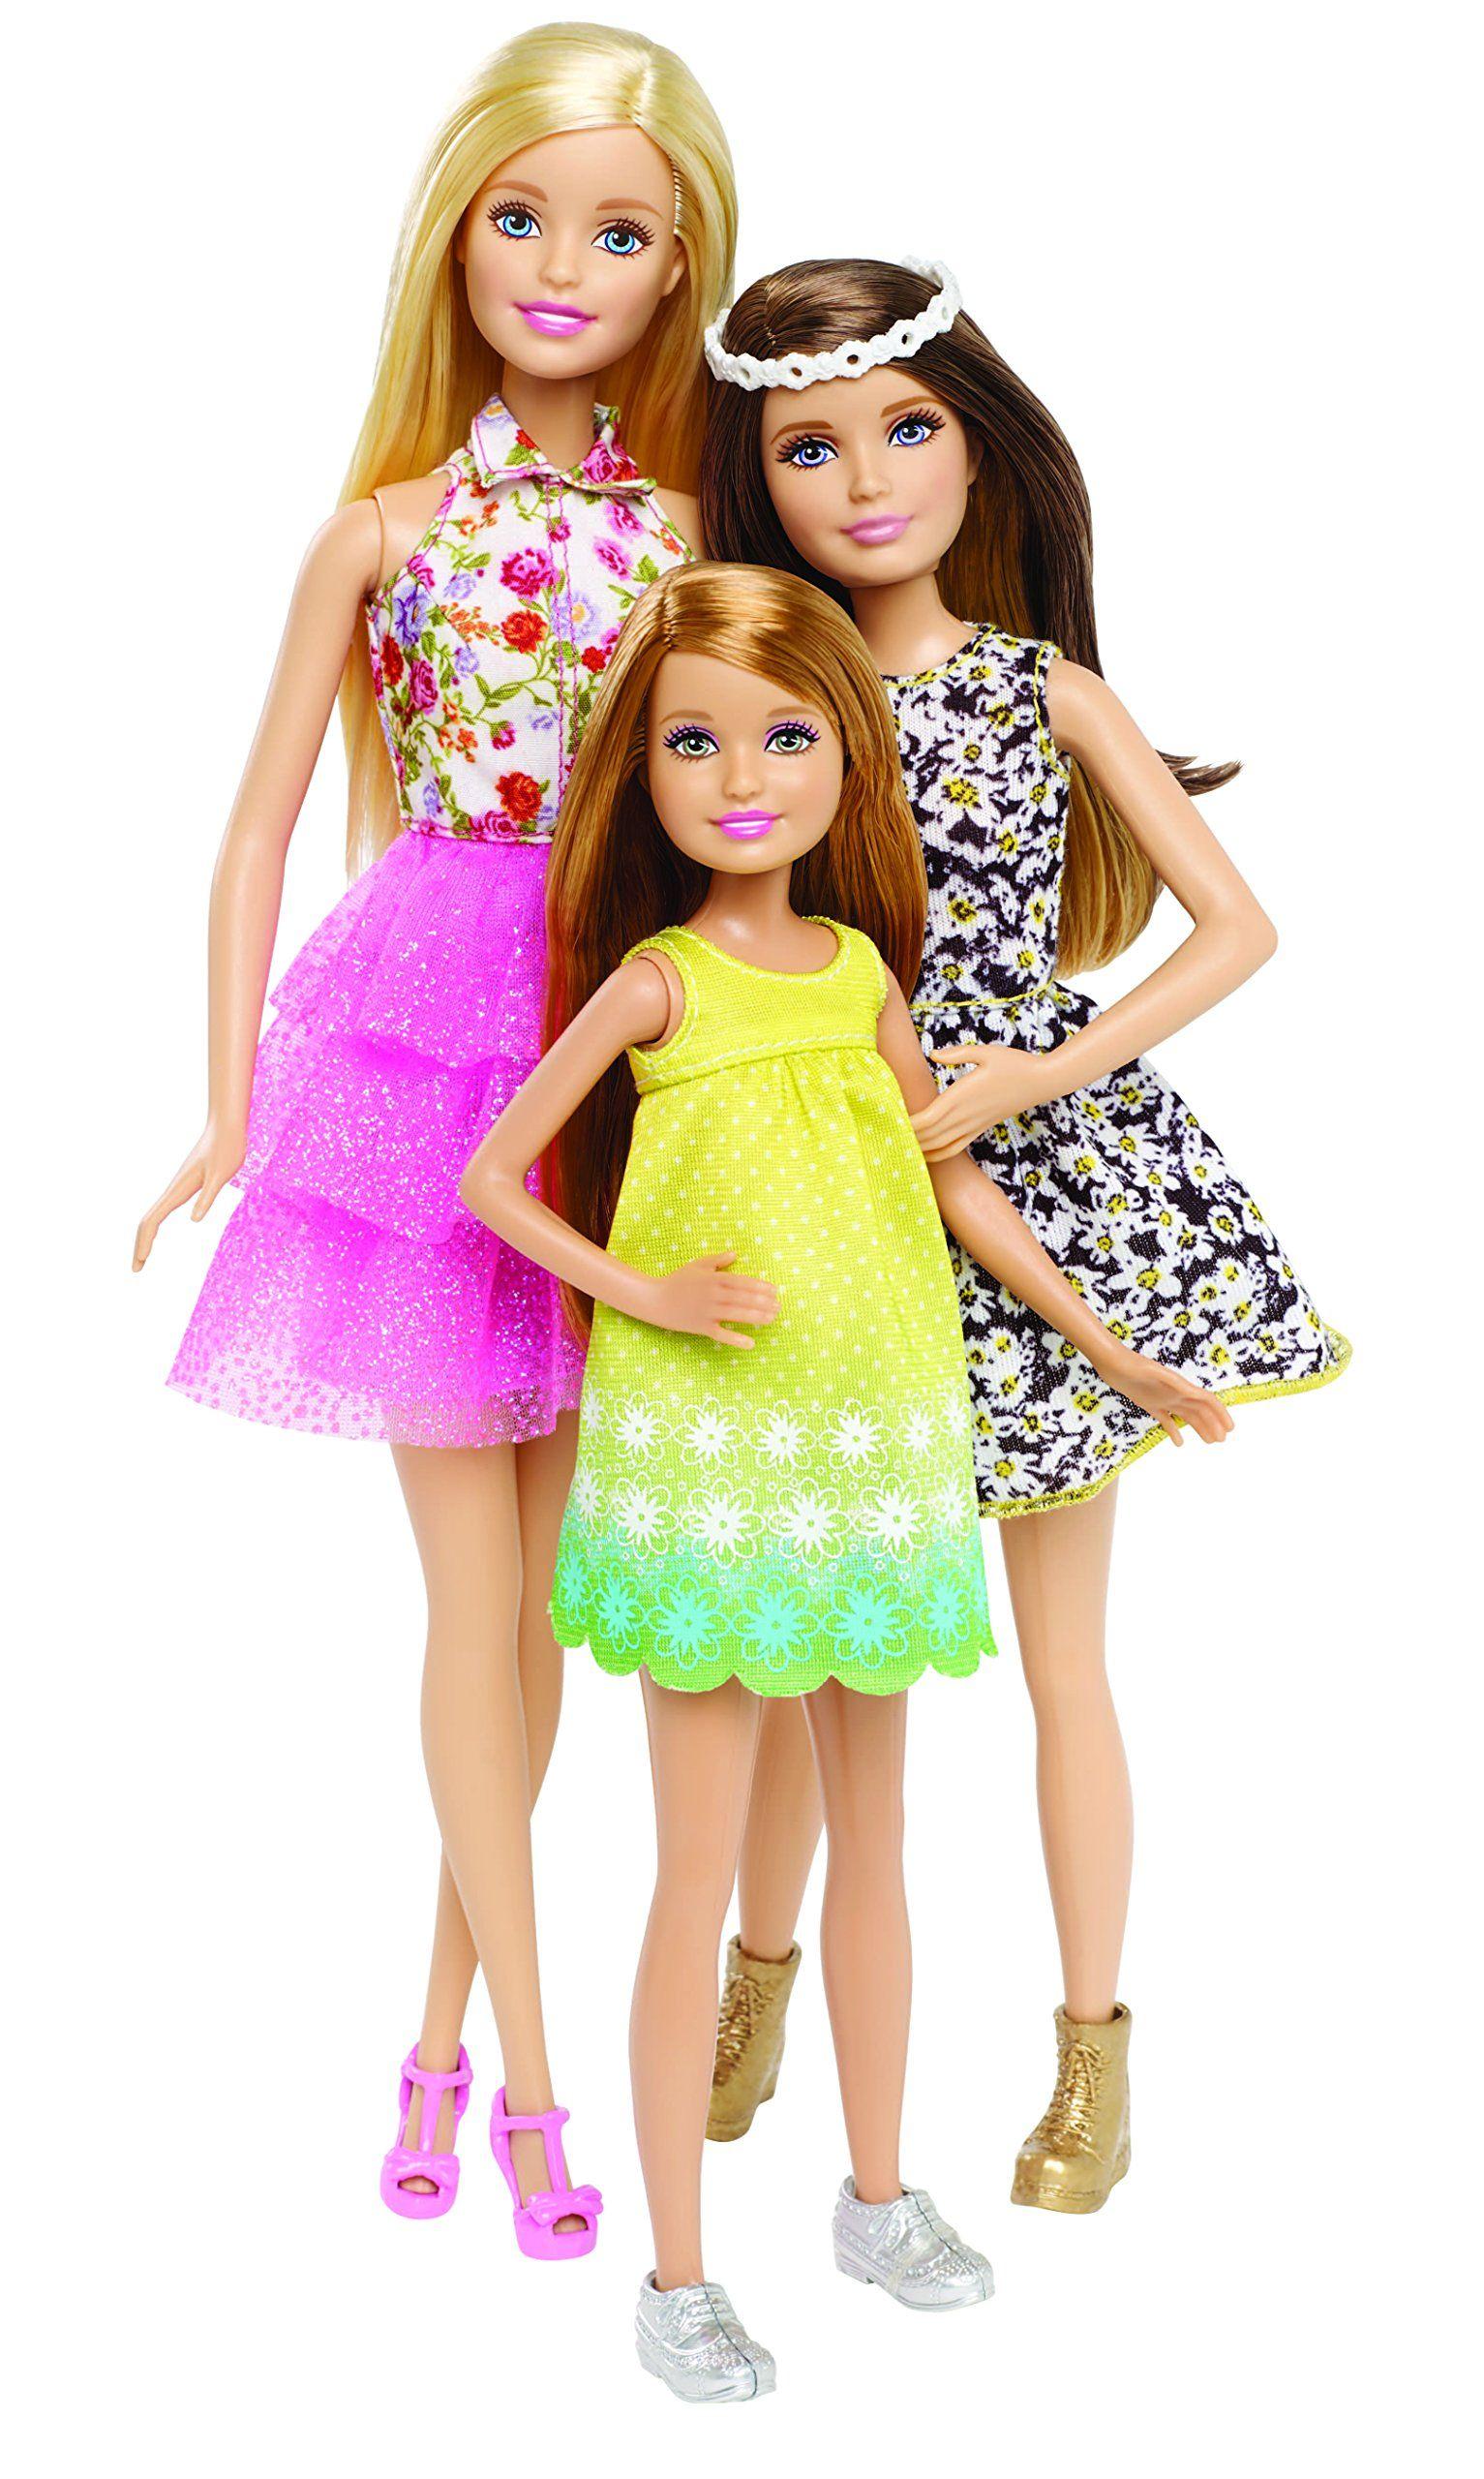 Barbie Sisters Doll